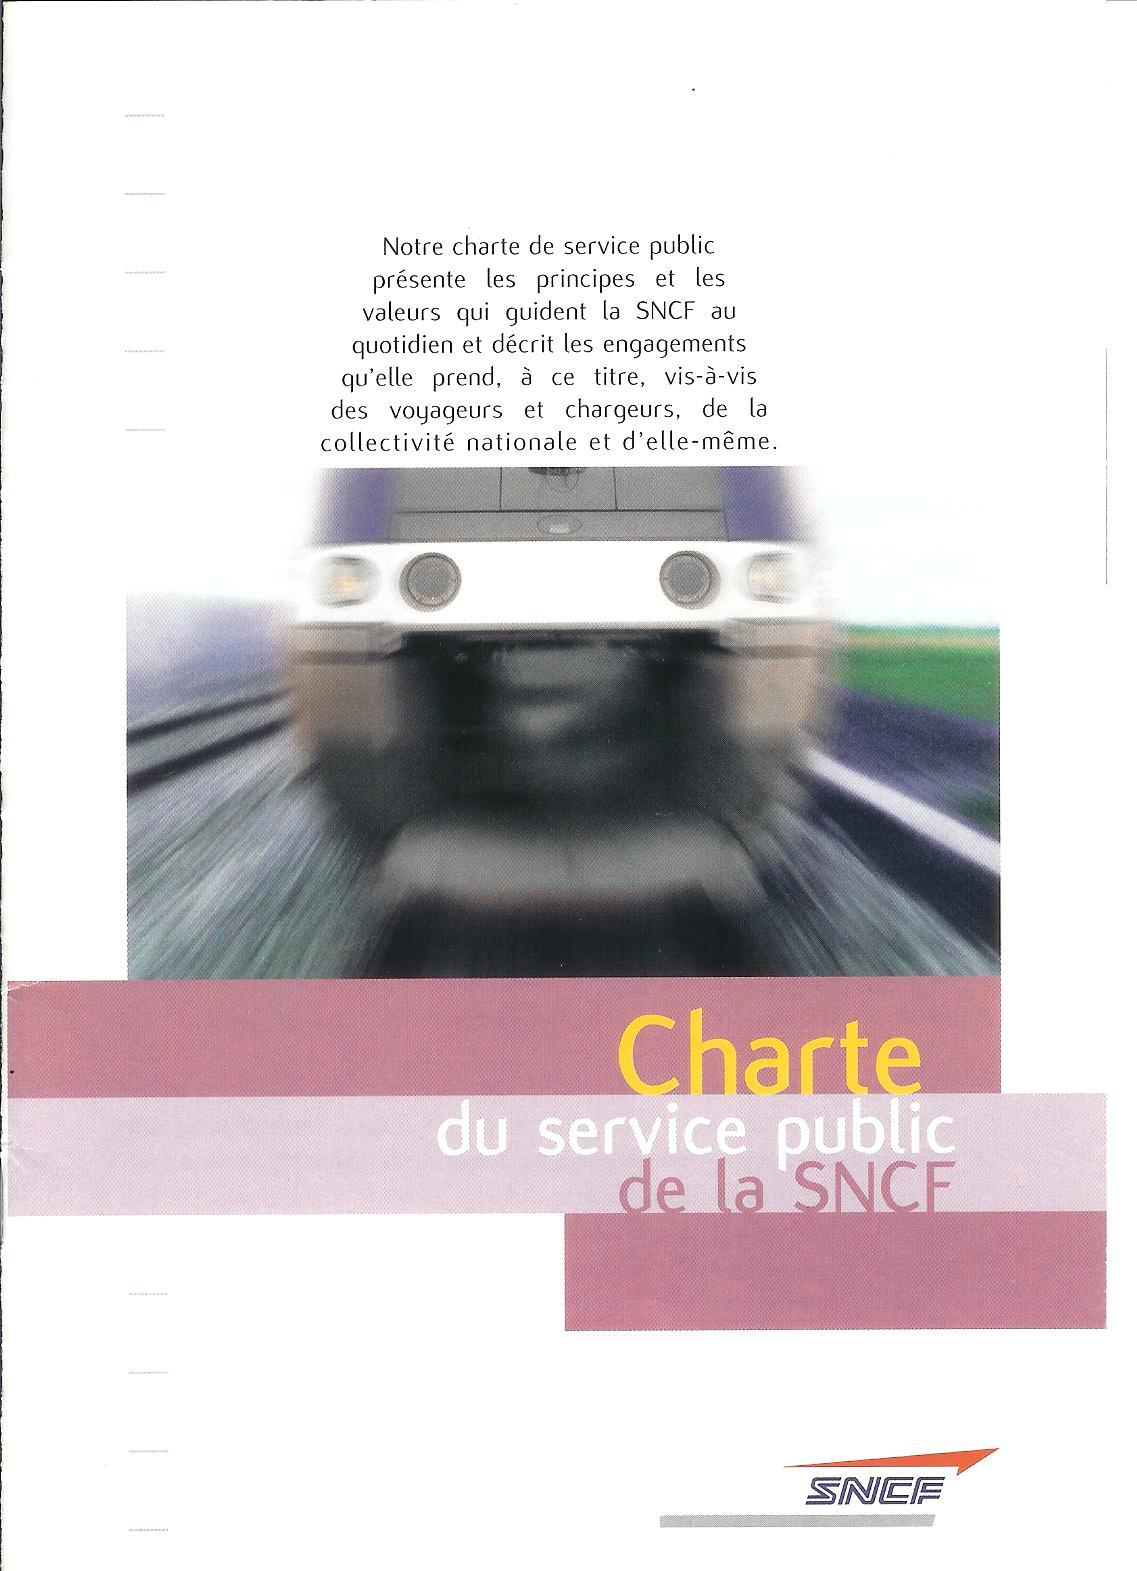 charte-du-service-public-sncf-1-2004-10